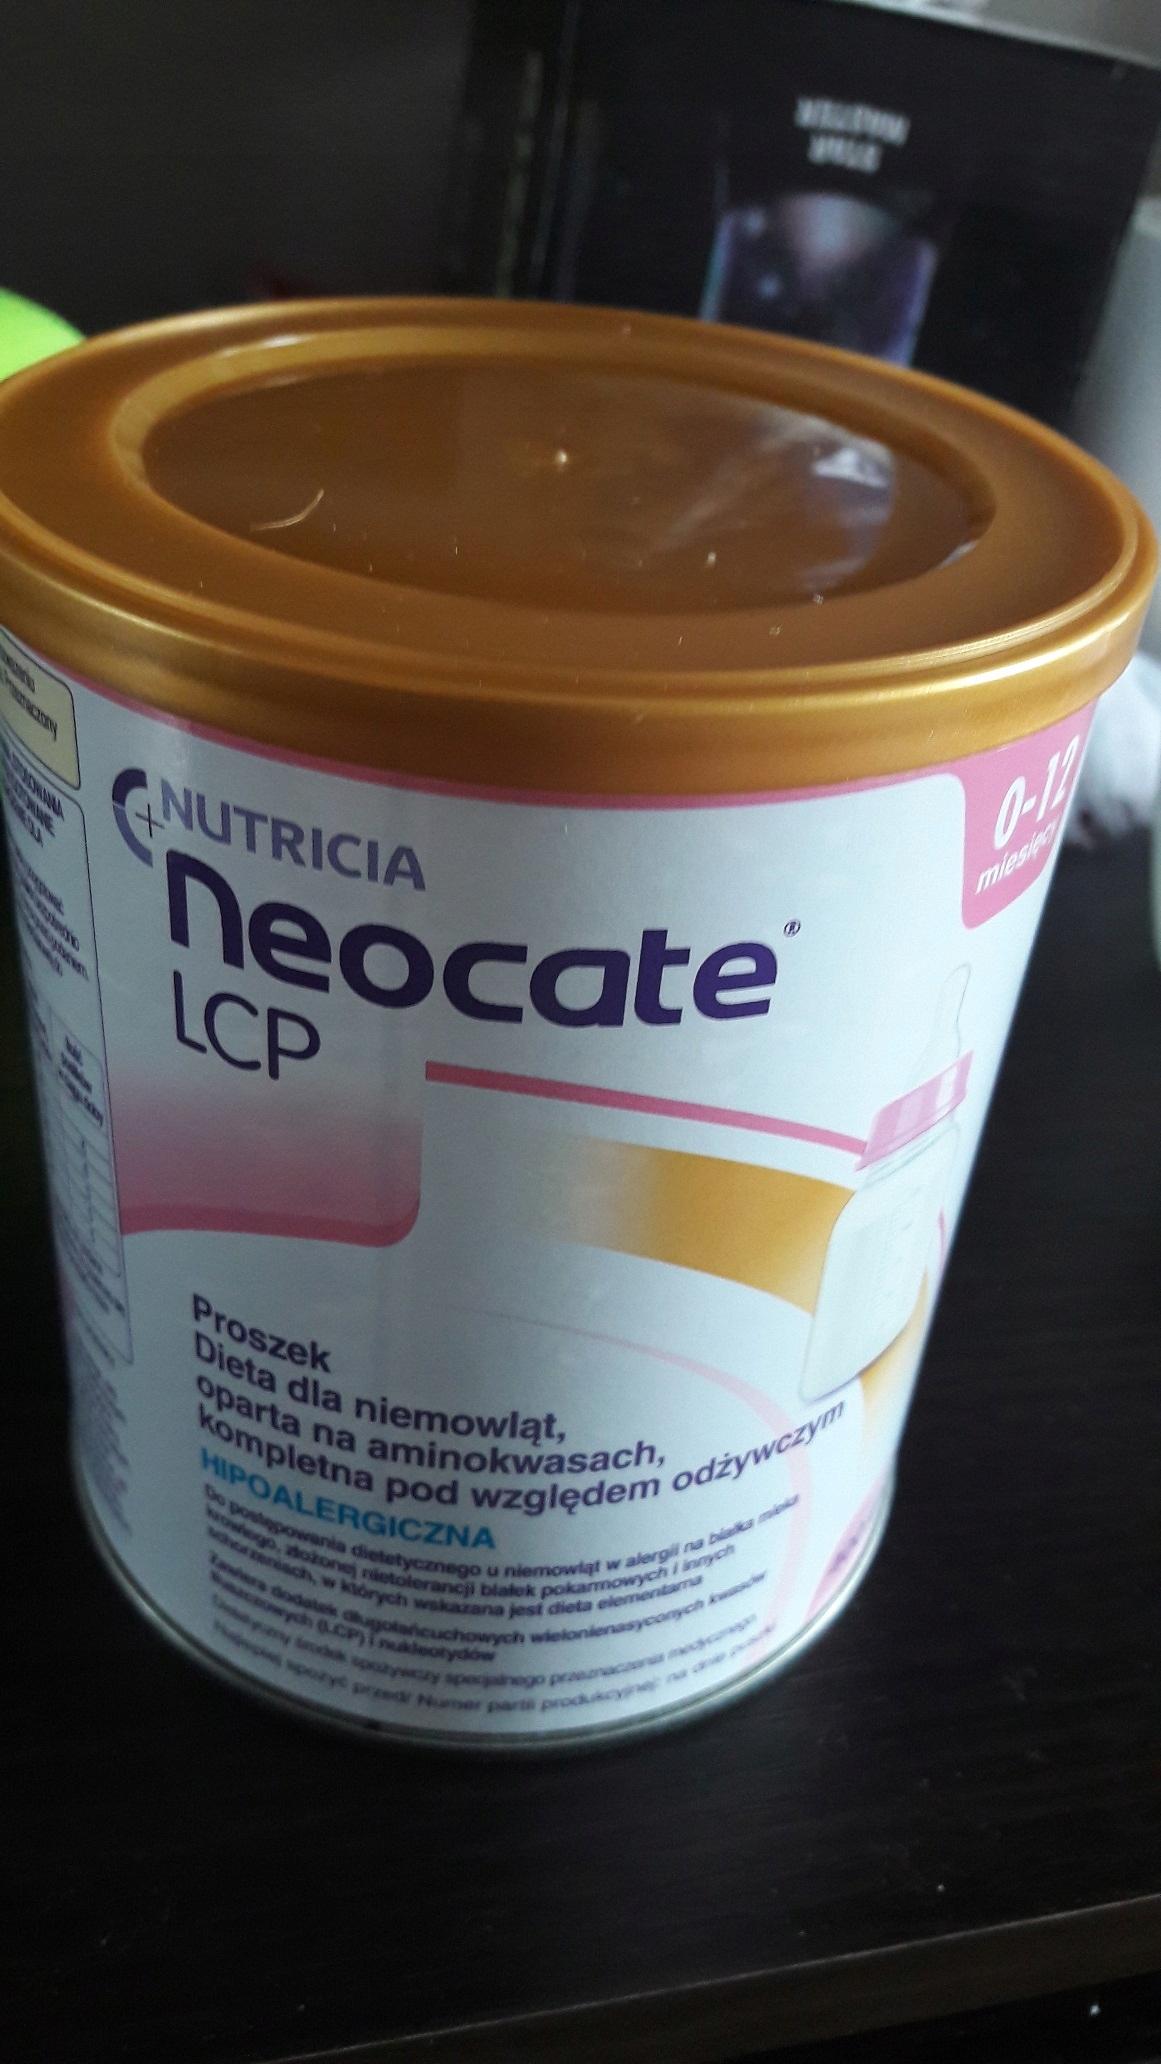 Specjalistyczne mleko Neocate LCP 0 do 12 msc NAJT